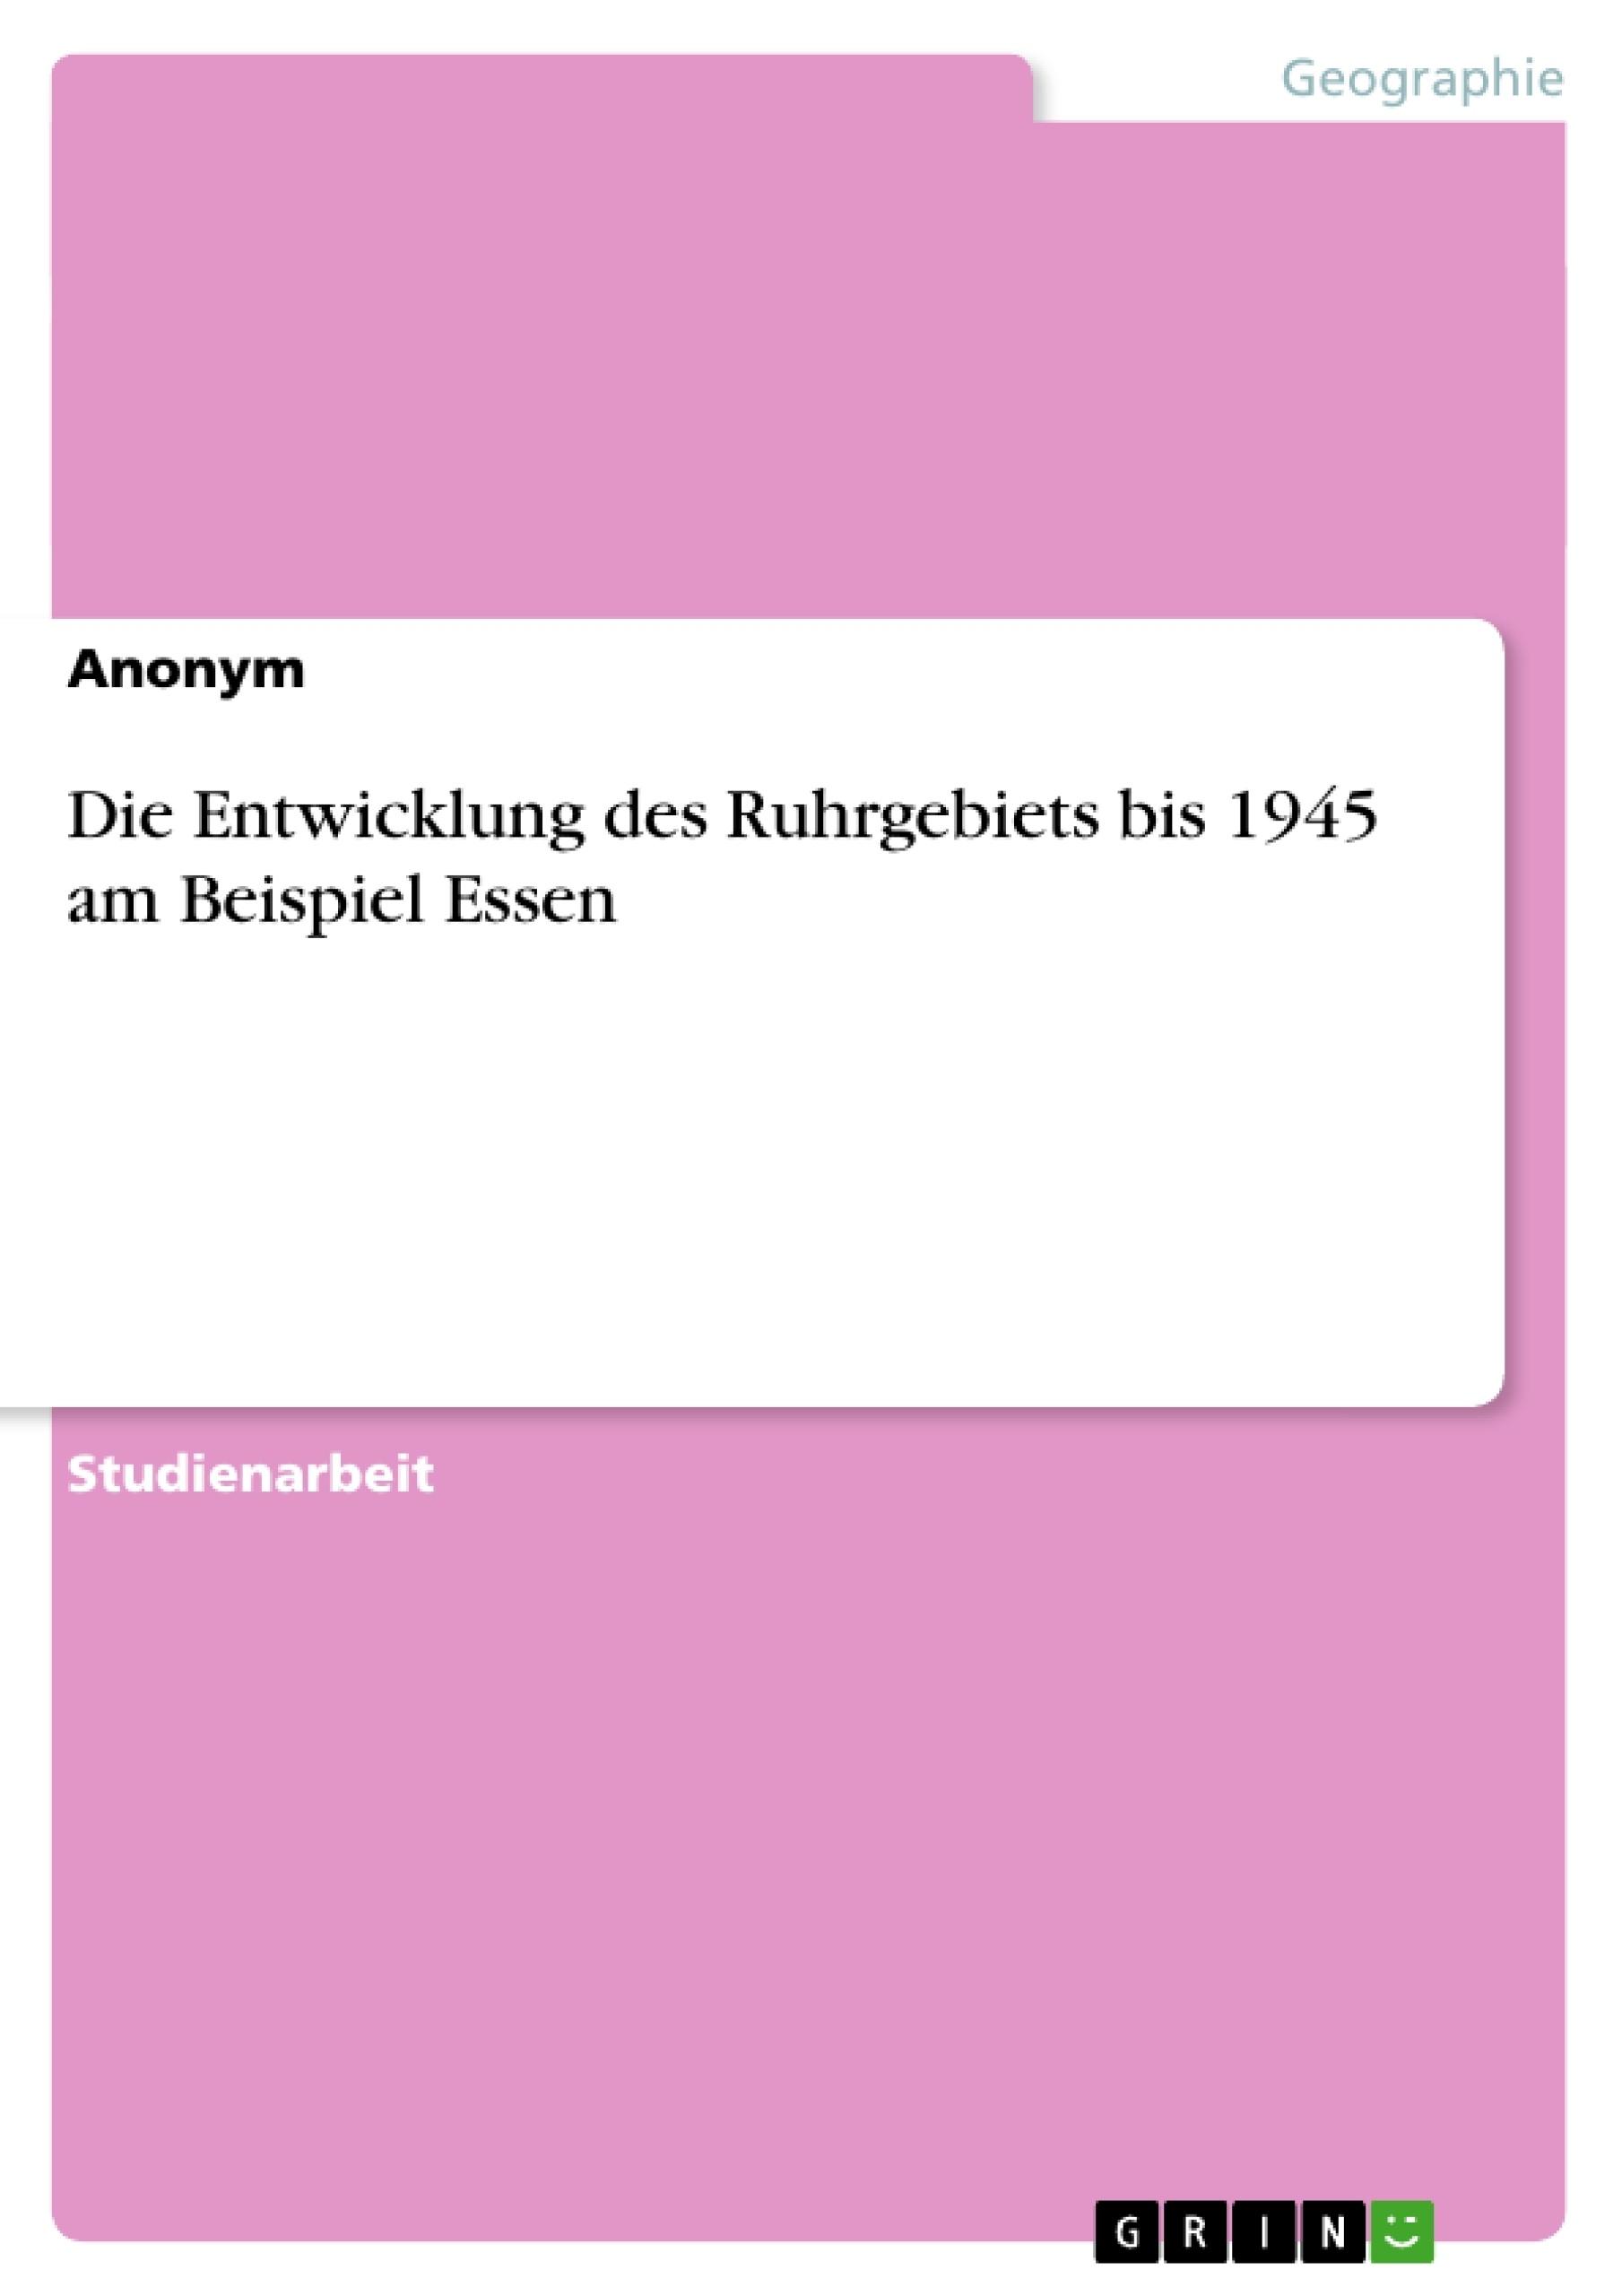 Titel: Die Entwicklung des Ruhrgebiets bis 1945 am Beispiel Essen